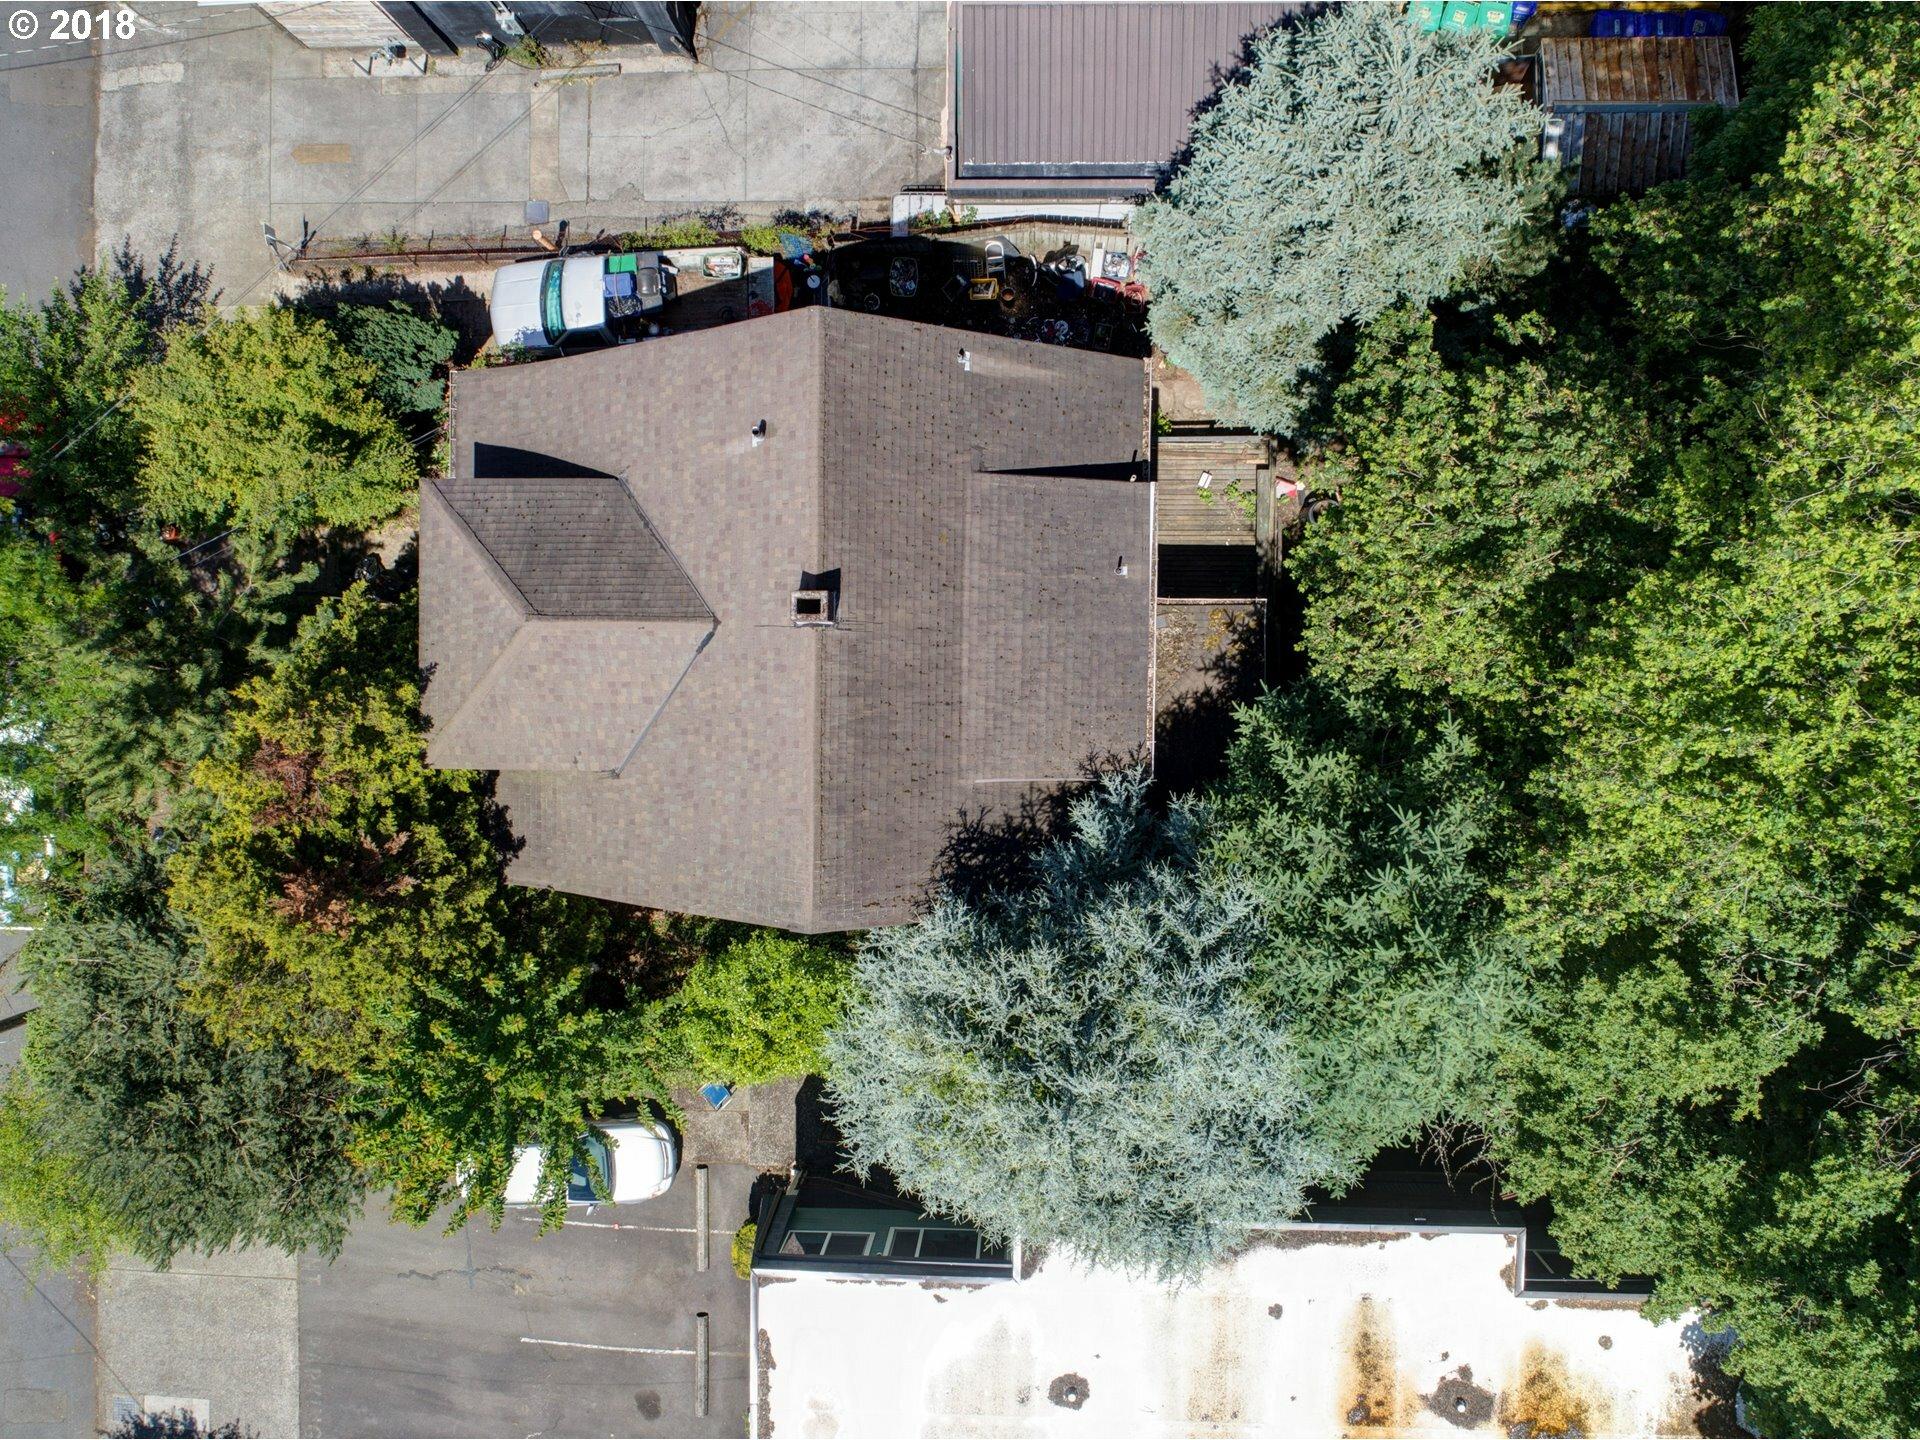 516 Se 28th Ave, Portland, OR - USA (photo 3)